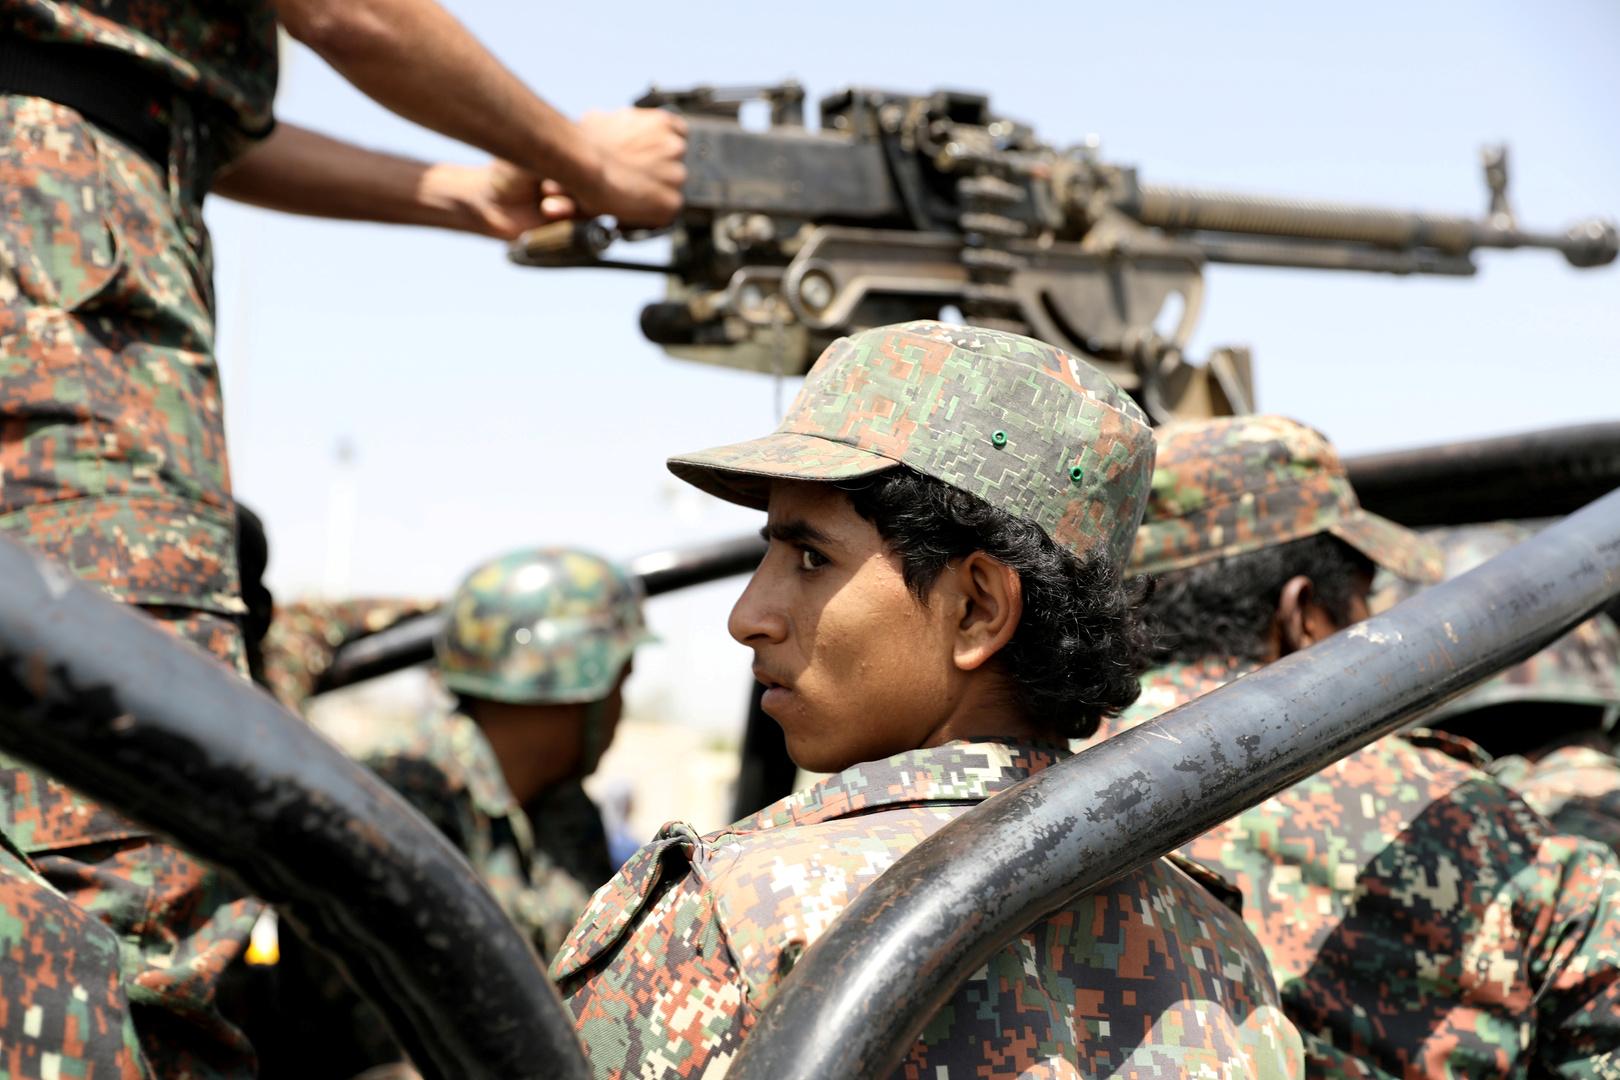 البحرين تدين إطلاق الحوثيين طائرات مسيرة باتجاه السعودية